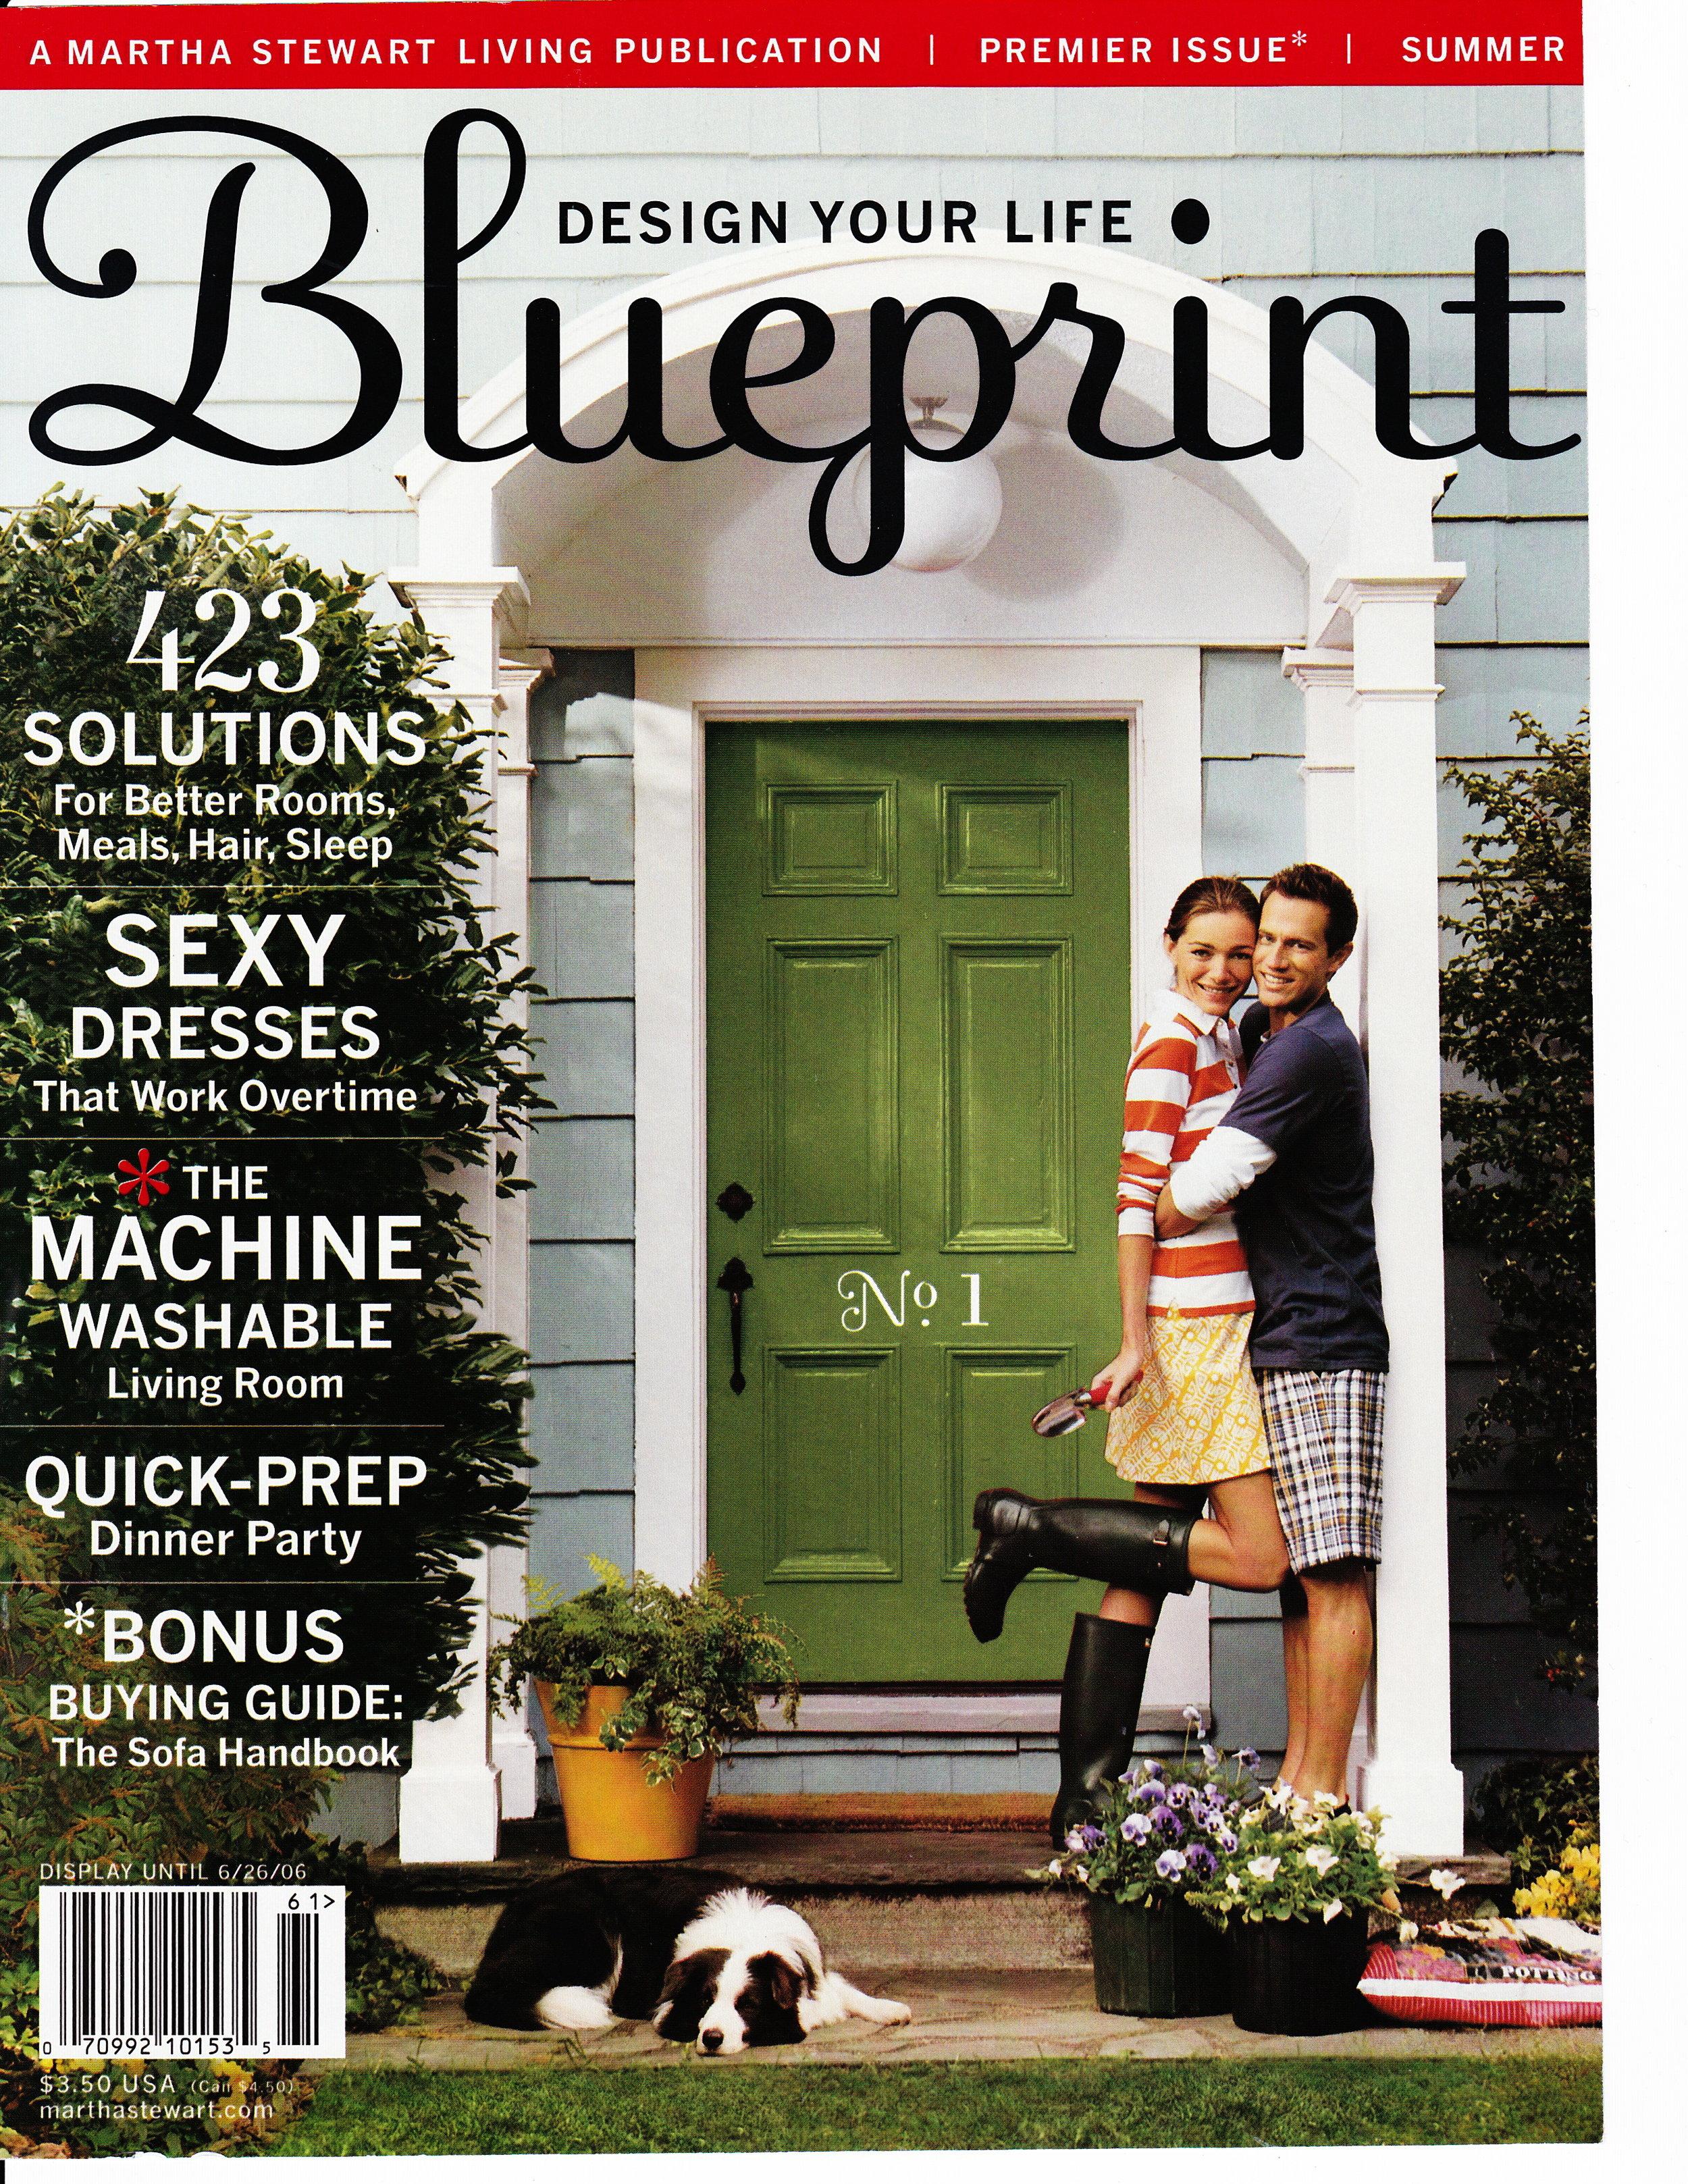 2006 Summer Blueprint.jpg